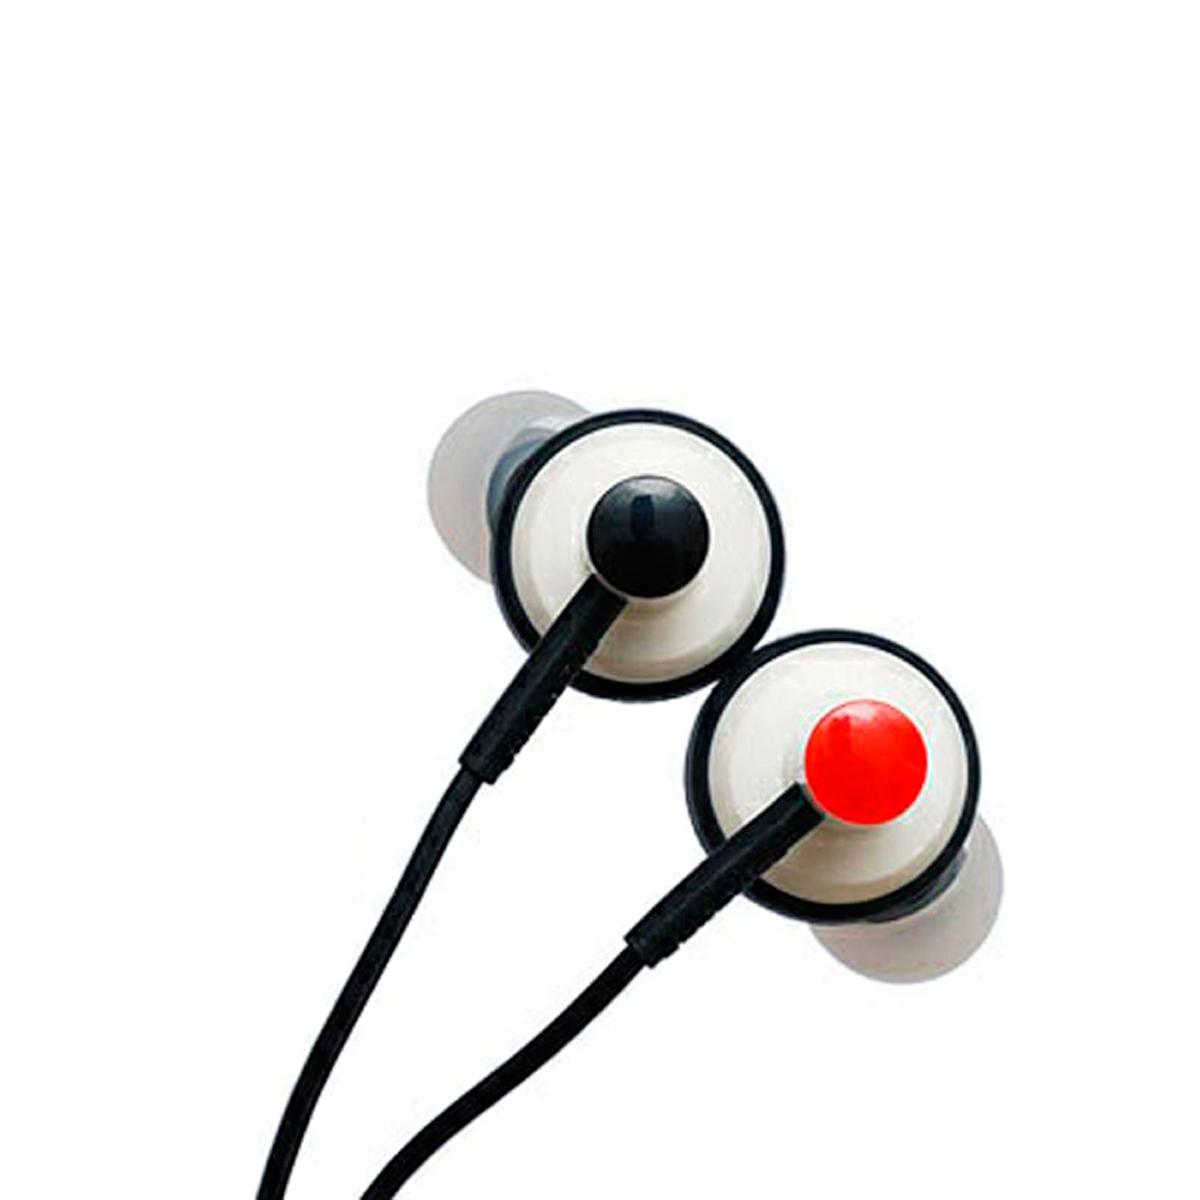 HD381 - Fone de Ouvido In-ear Branco HD 381 - Superlux